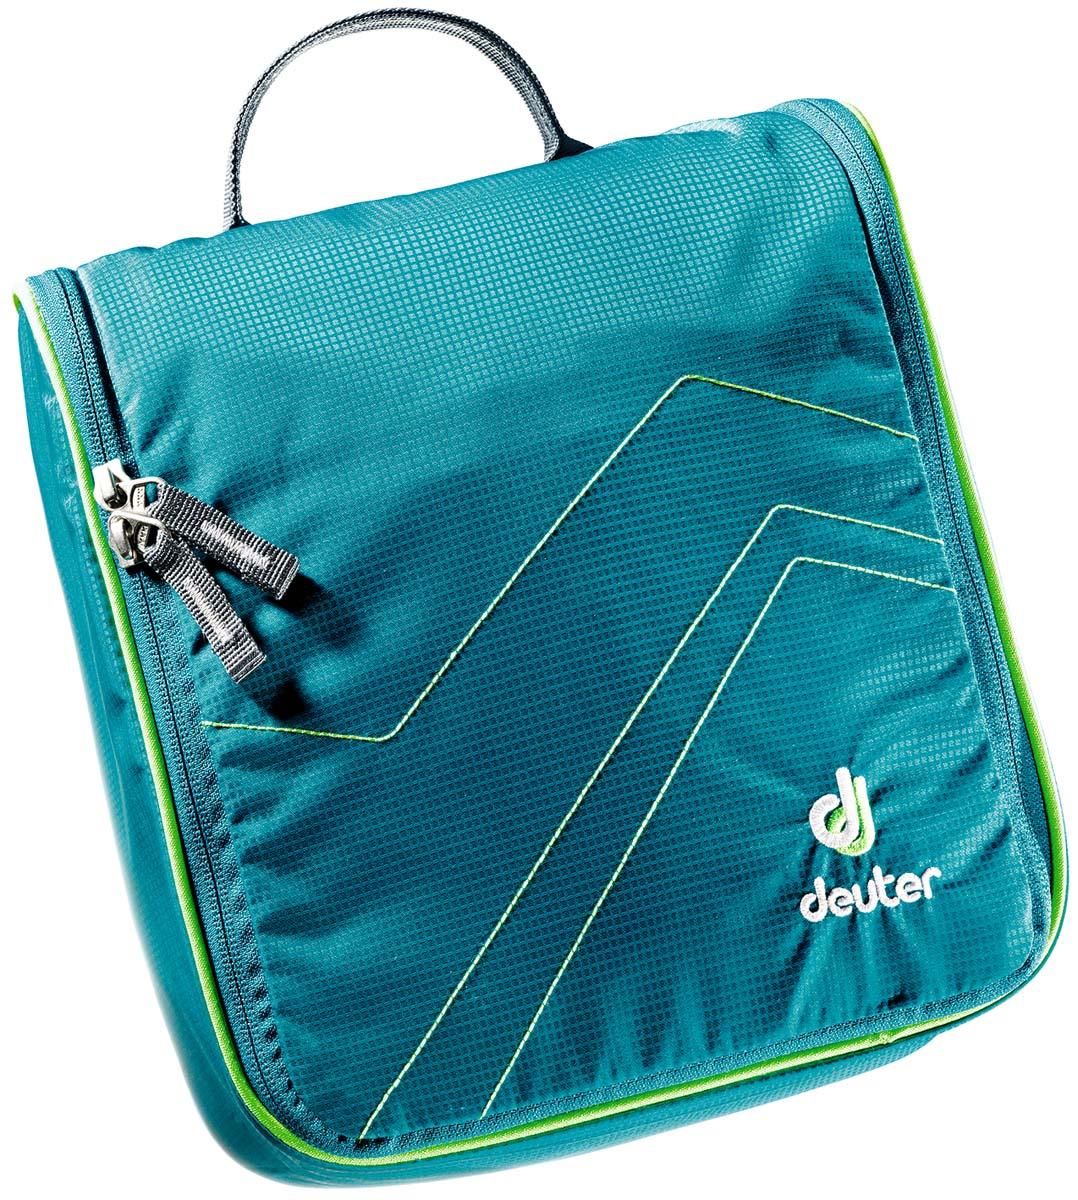 Косметичка Deuter Wash Center II, цвет: бирюзовый, светло-зеленый, 25 см х 24 см х 9 см